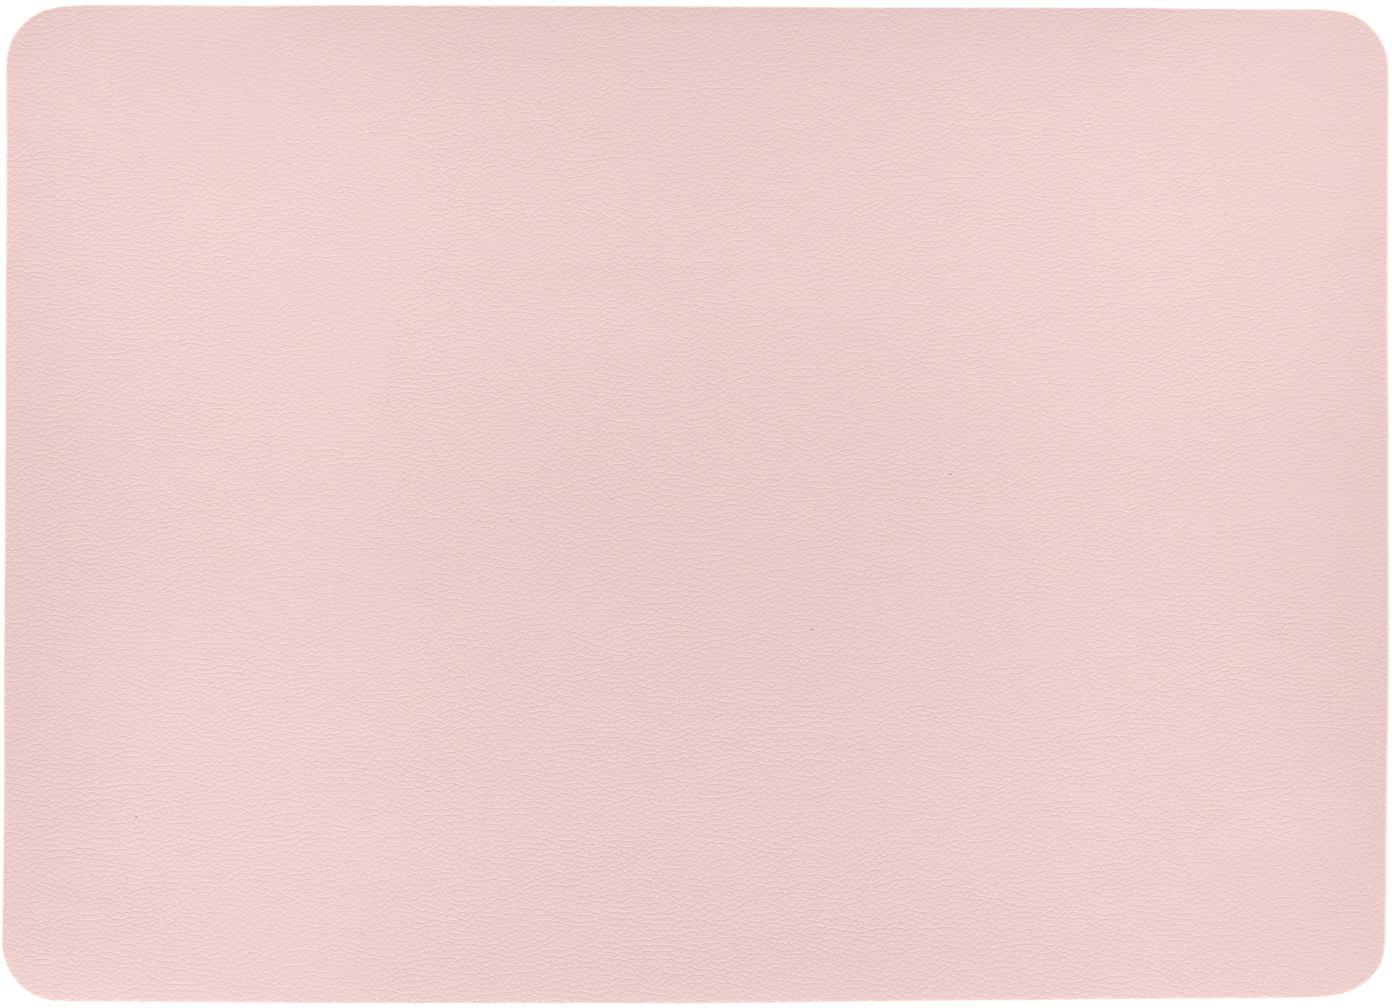 Manteles individuales de cuero sintético Pik, 2uds., Plástico (PVC) es aspecto de cuero, Rosa, An 33x L 46 cm